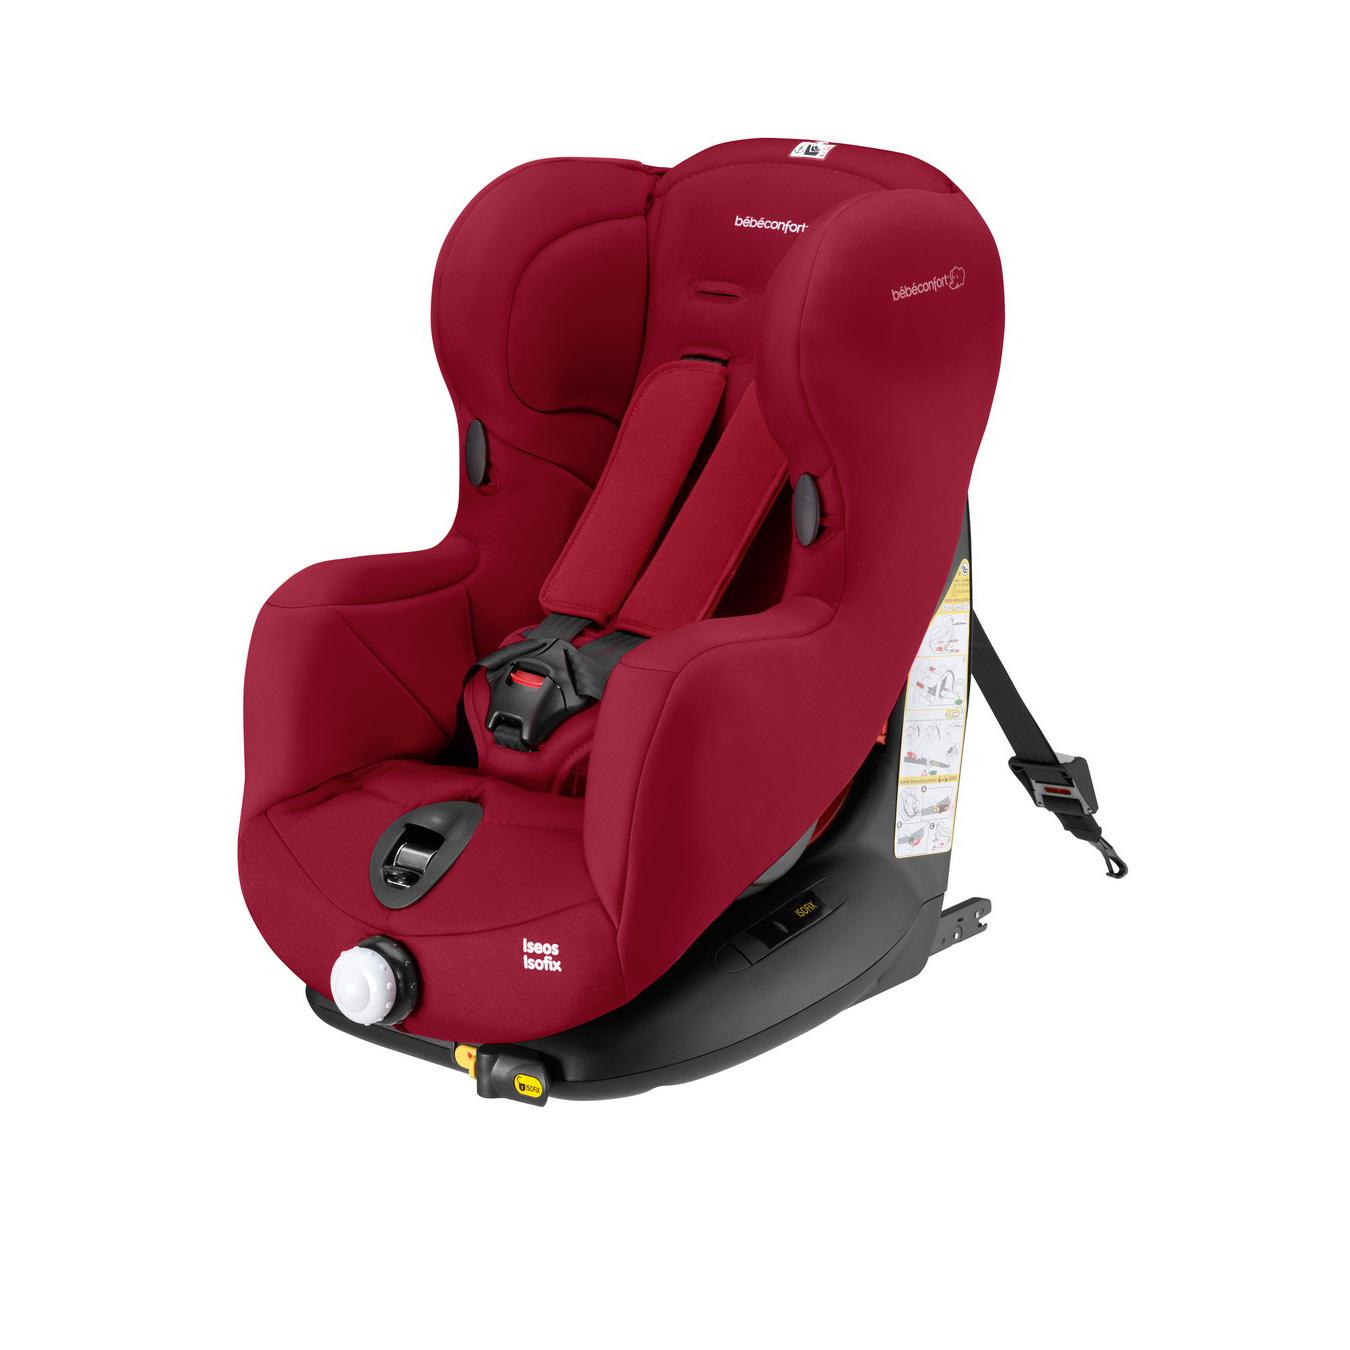 Автокресло Bebe Confort Iseos Isofix Raspberry Red<br>